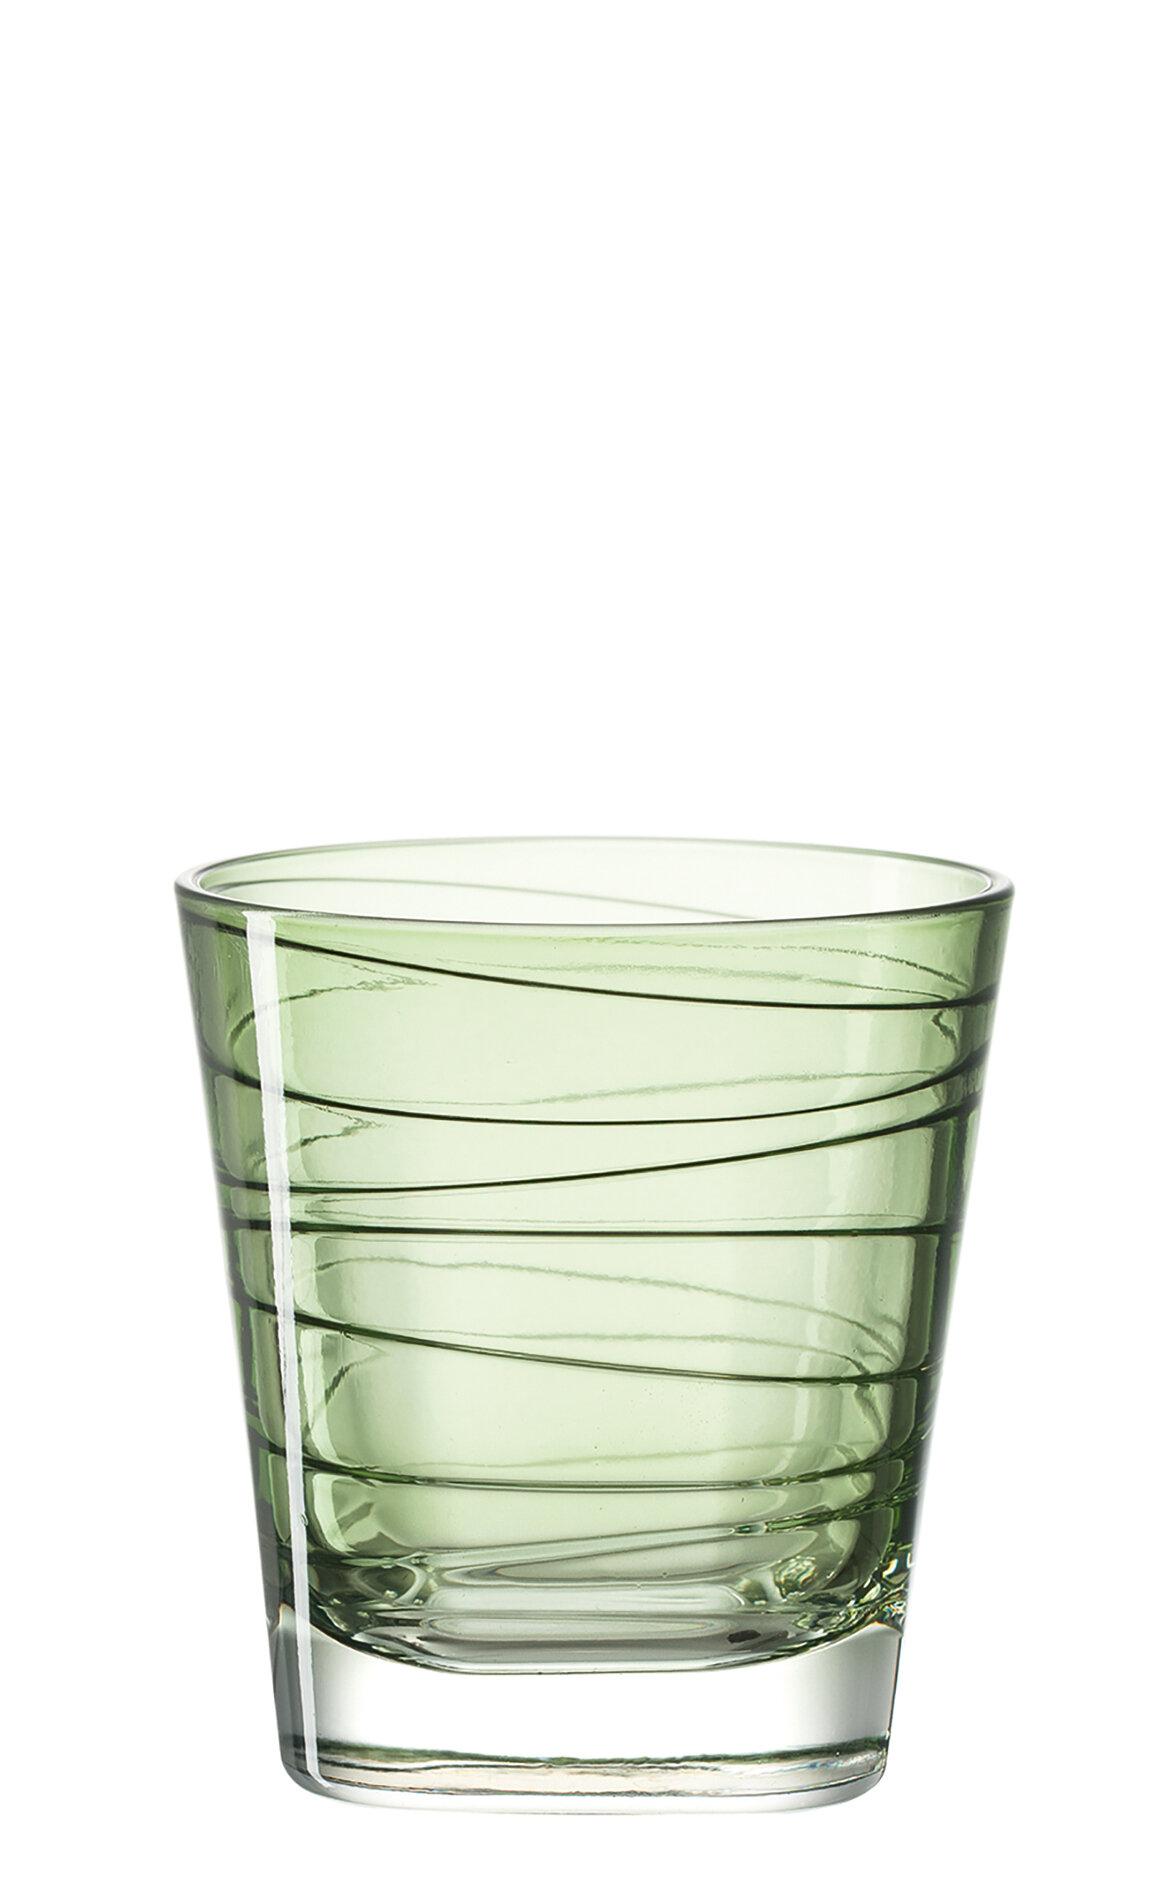 Leonardo Vario Yeşil Su Bardağı 250 ml.